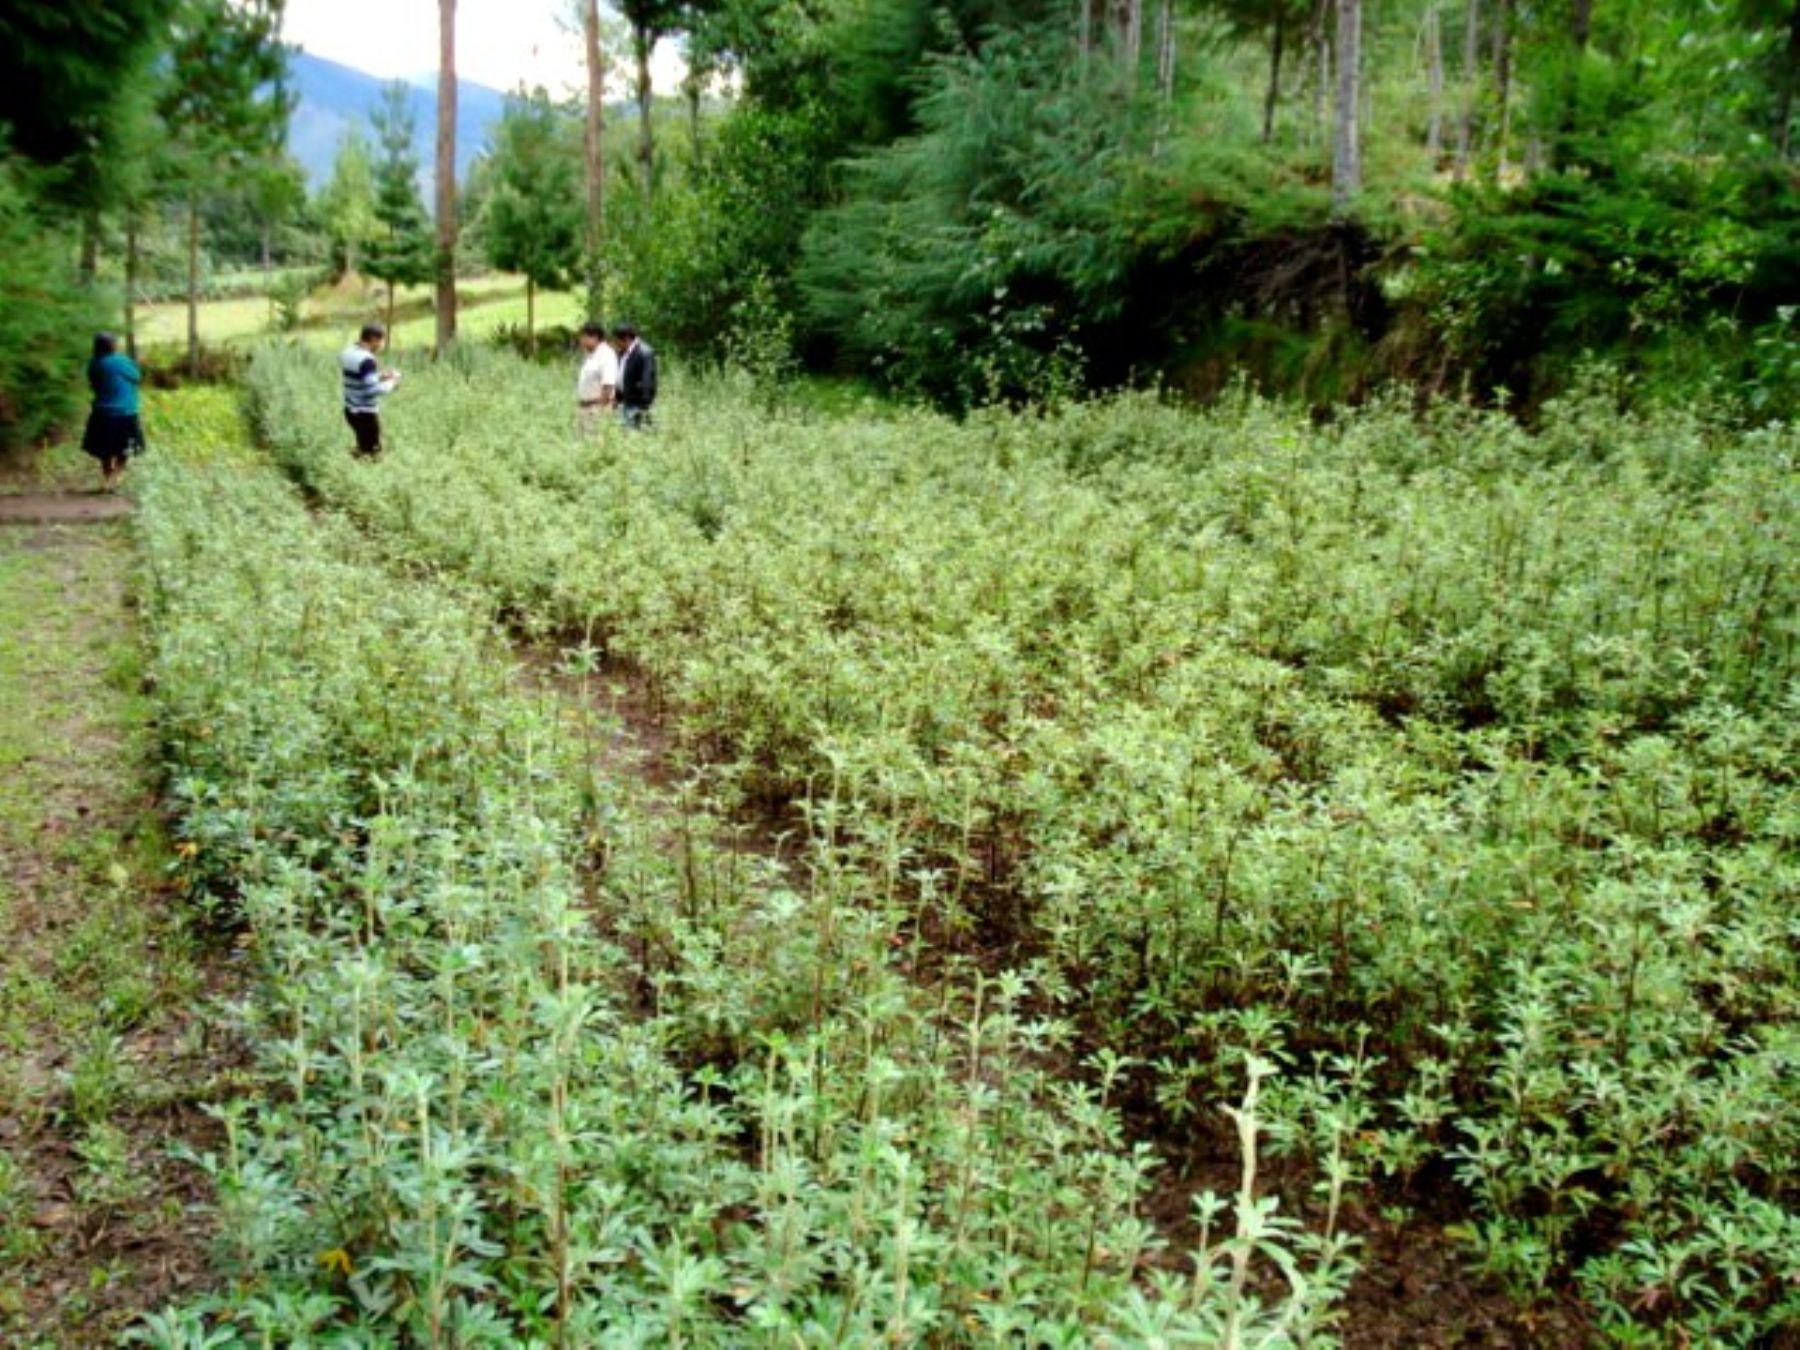 Desarrollarán inventario forestal en costa, sierra y selva del Perú para reforestación. Foto: ANDINA/Archivo.